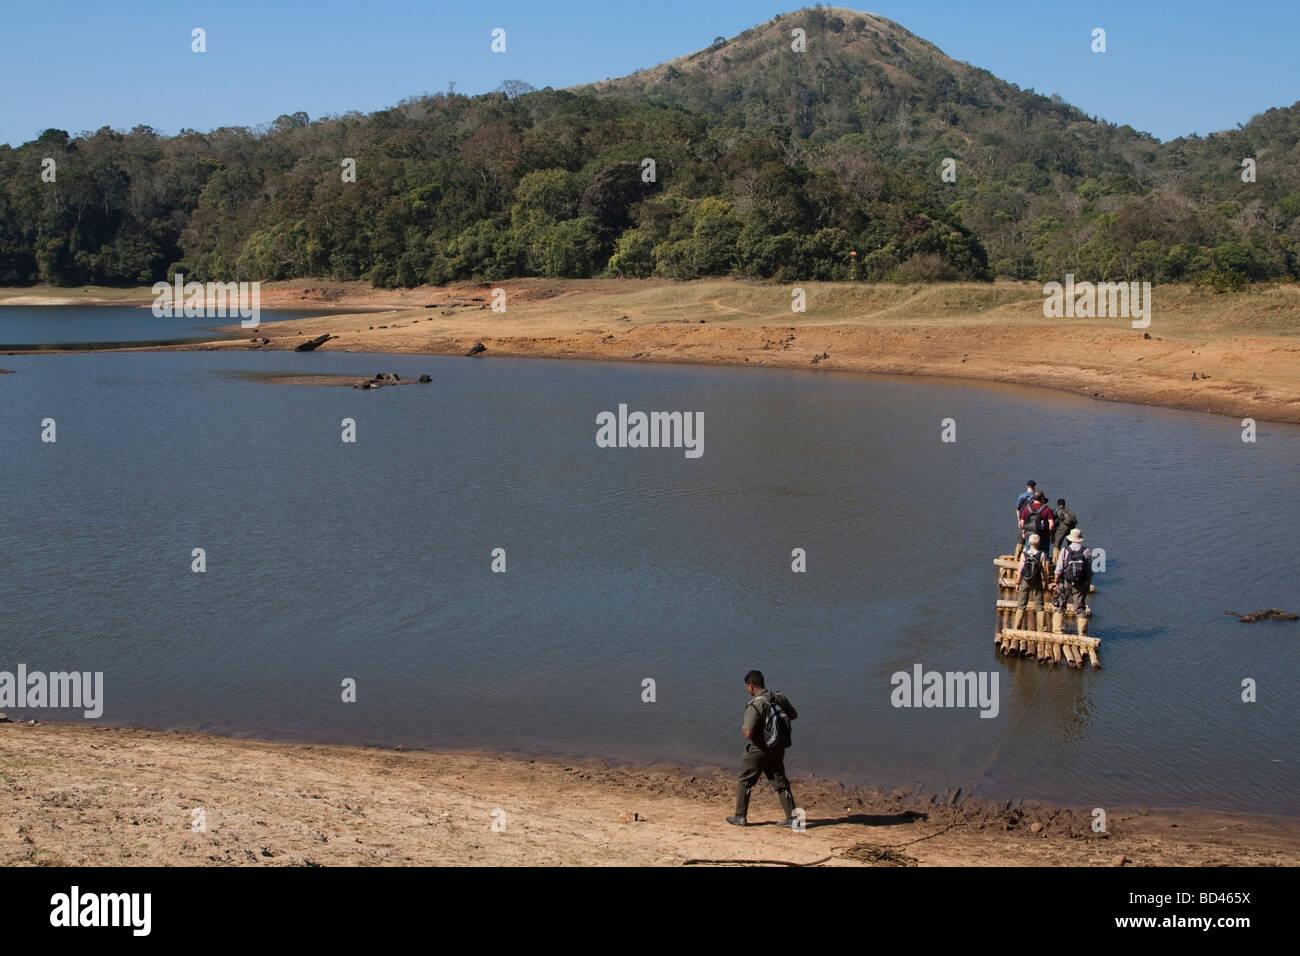 India Kerala Parco Nazionale del Periyar guida turistica e eco turisti essendo traghettato su zattera di bambù Immagini Stock